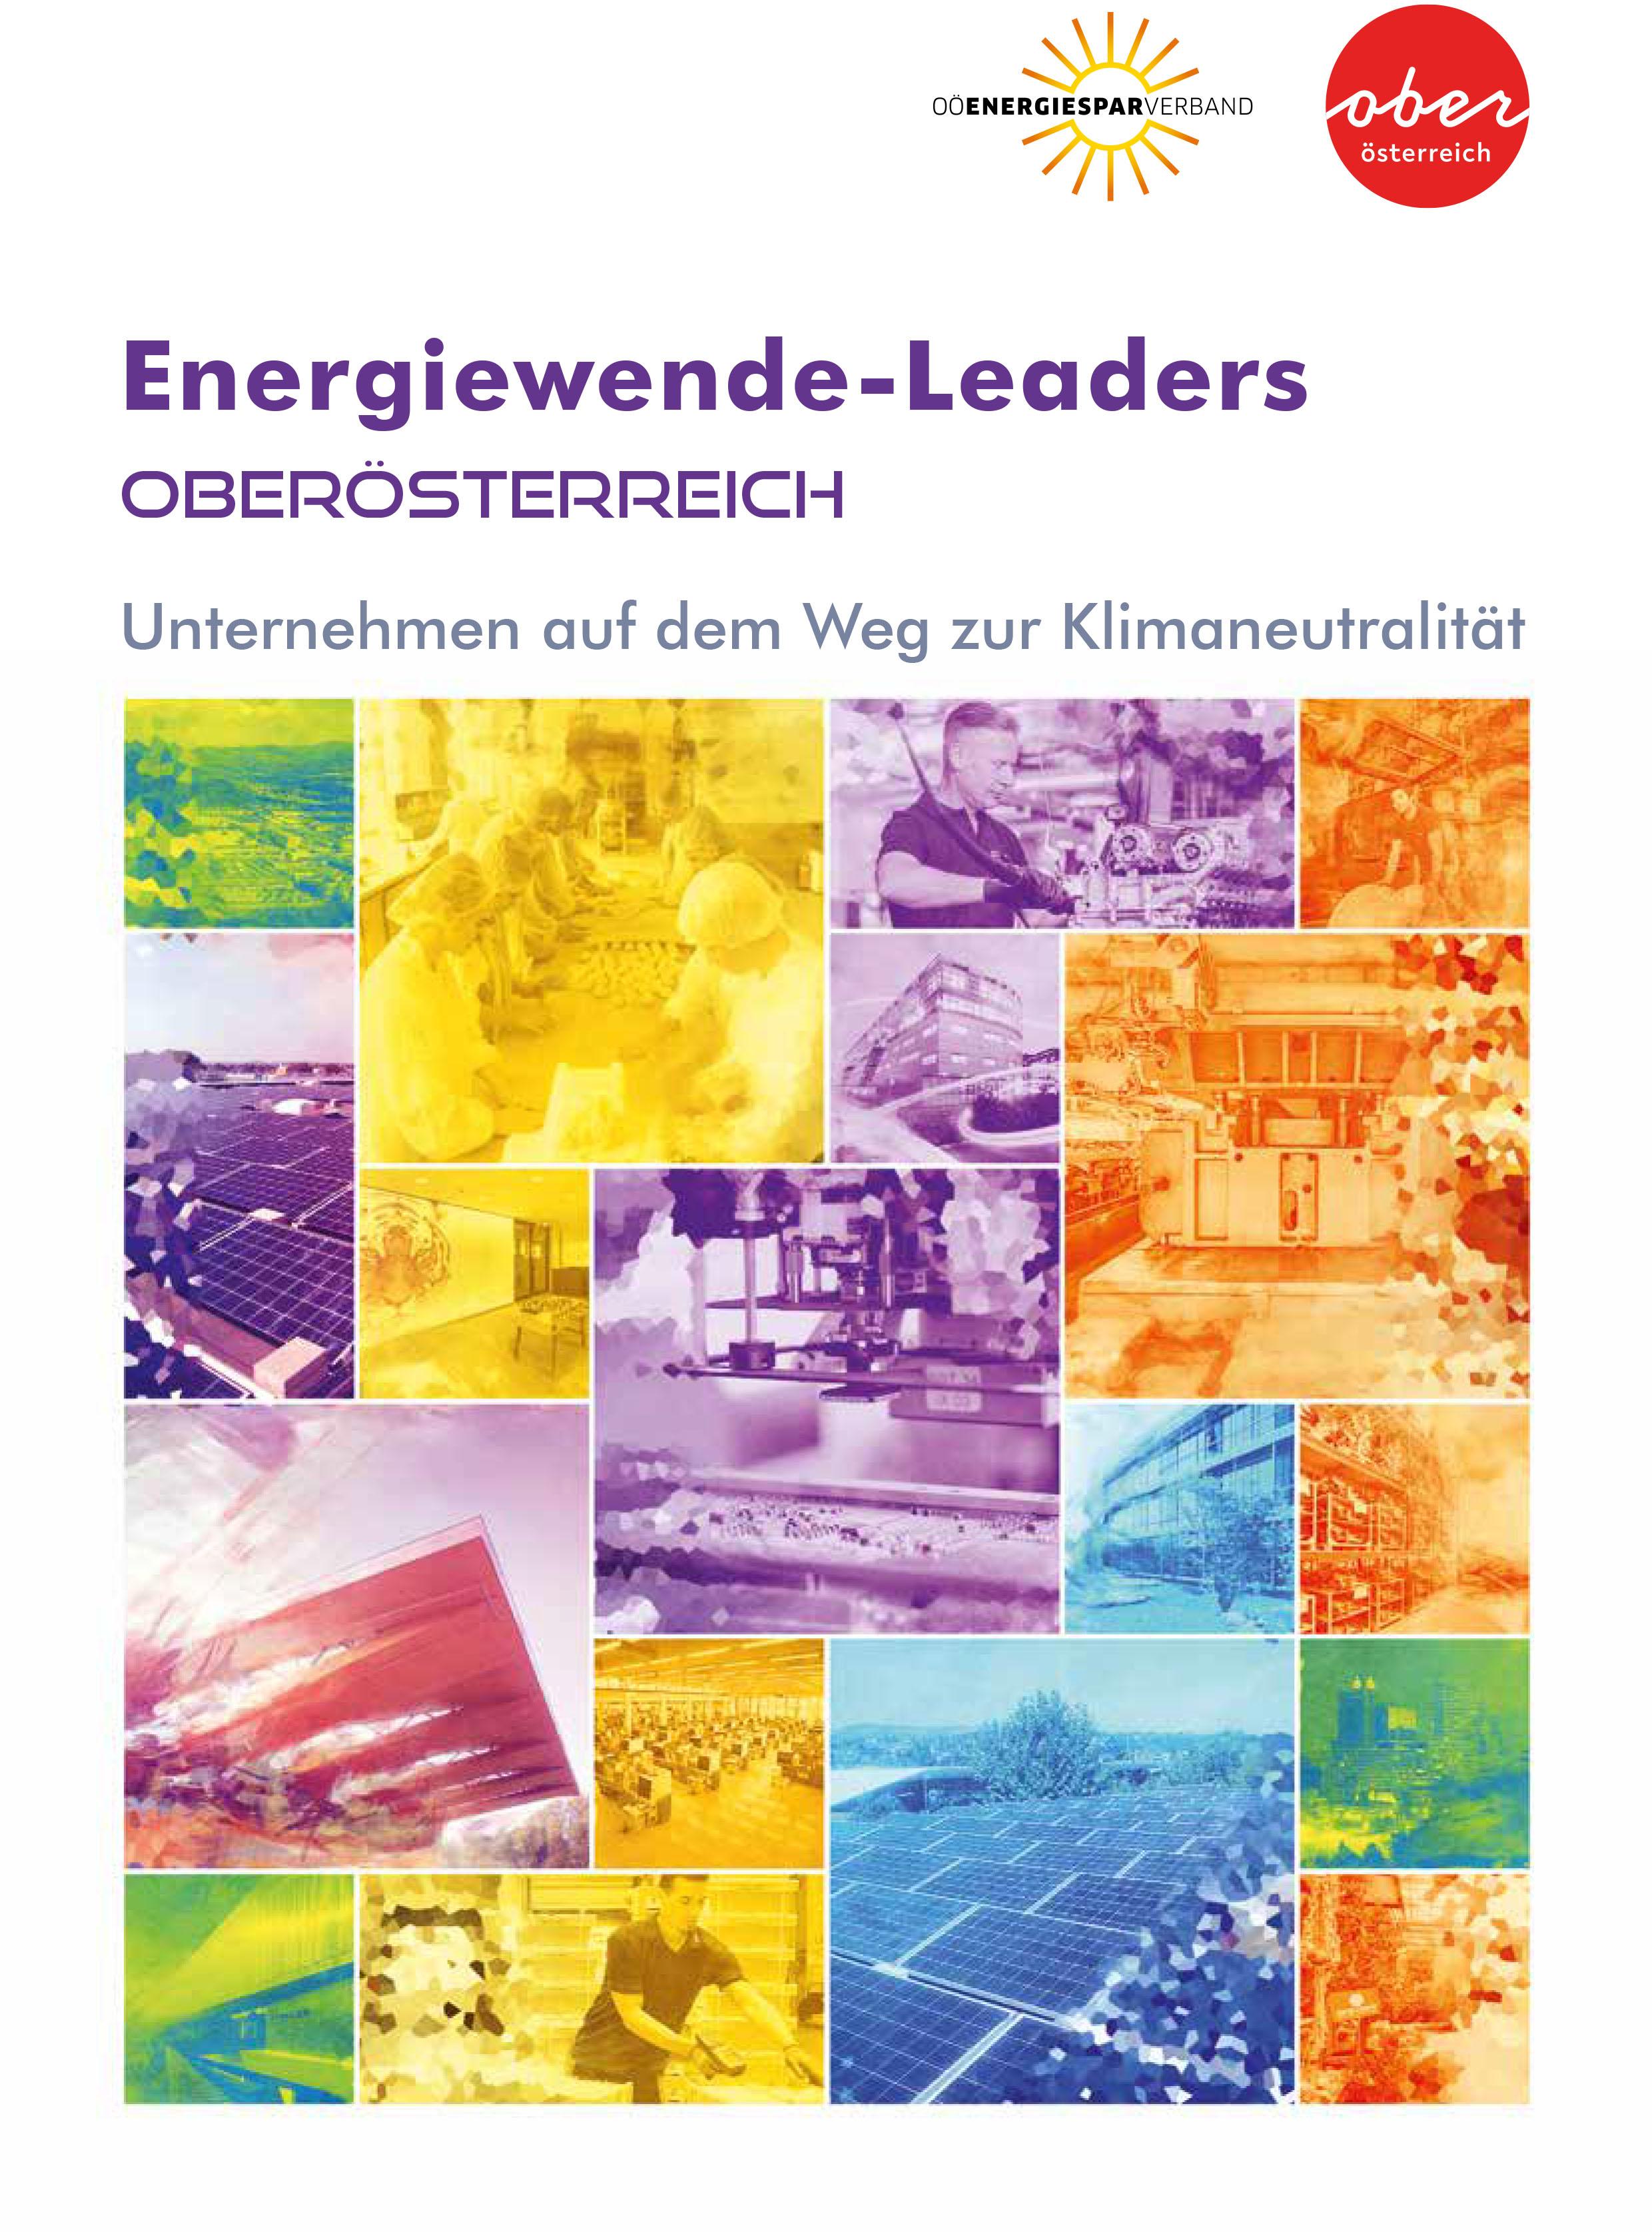 Energiewende-Leaders Oberösterreich Unternehmen auf dem Weg zur Klimaneutralität